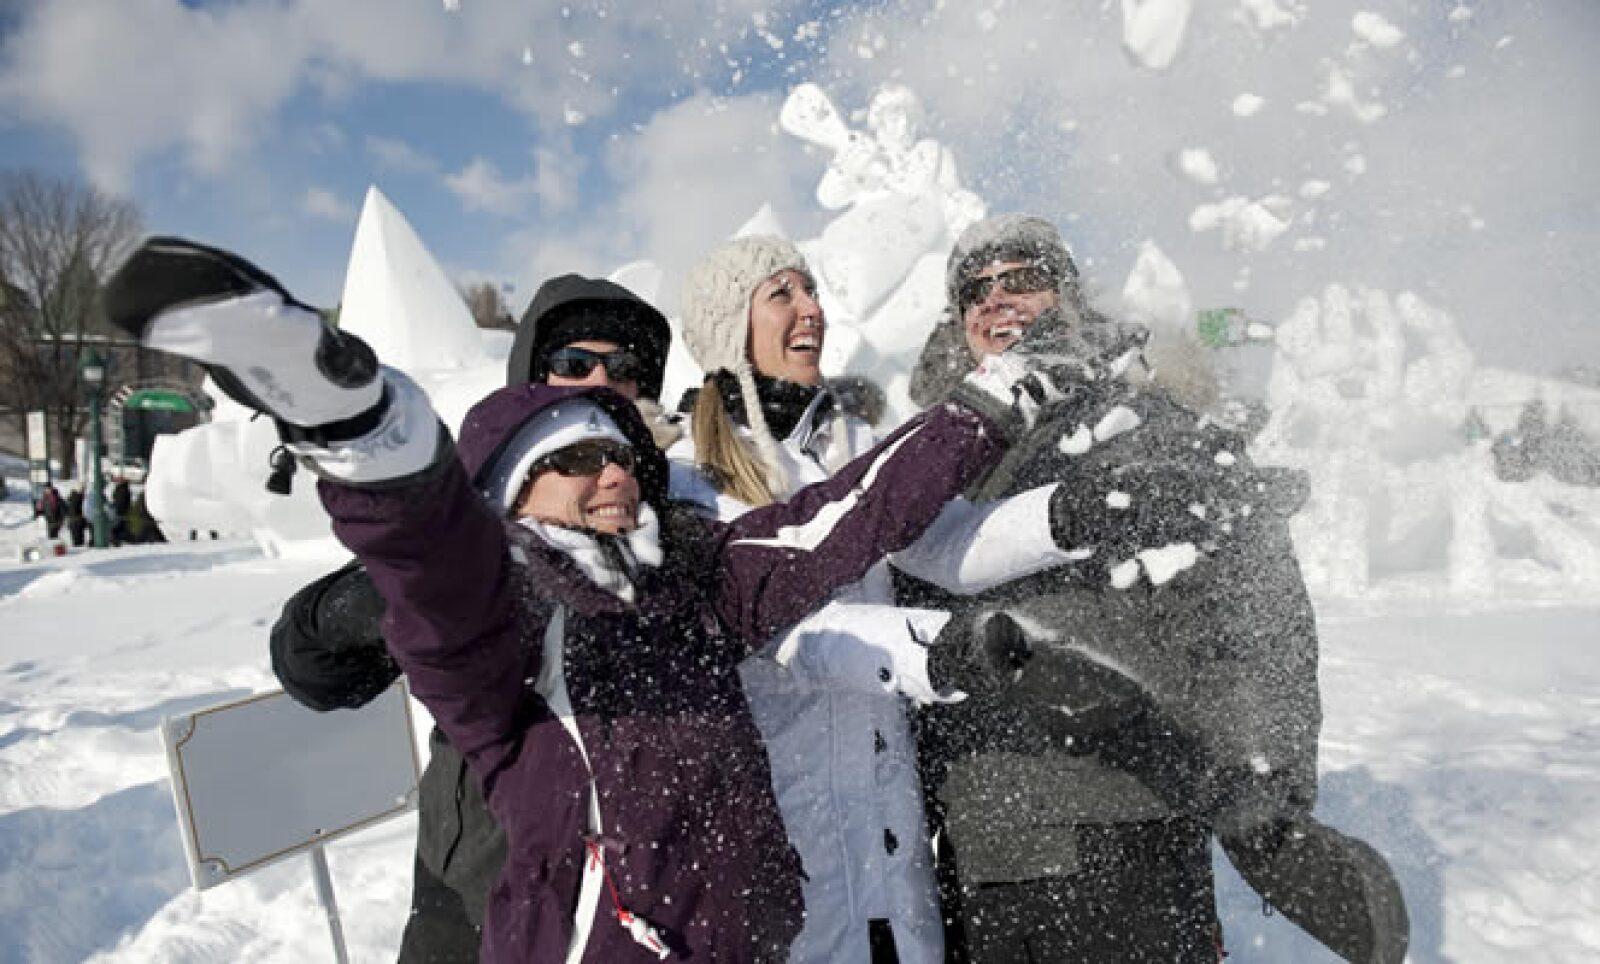 Si deseas conocer más sobres estas oportunidades de turismo en Canadá, visita http://mx.canada.travel/